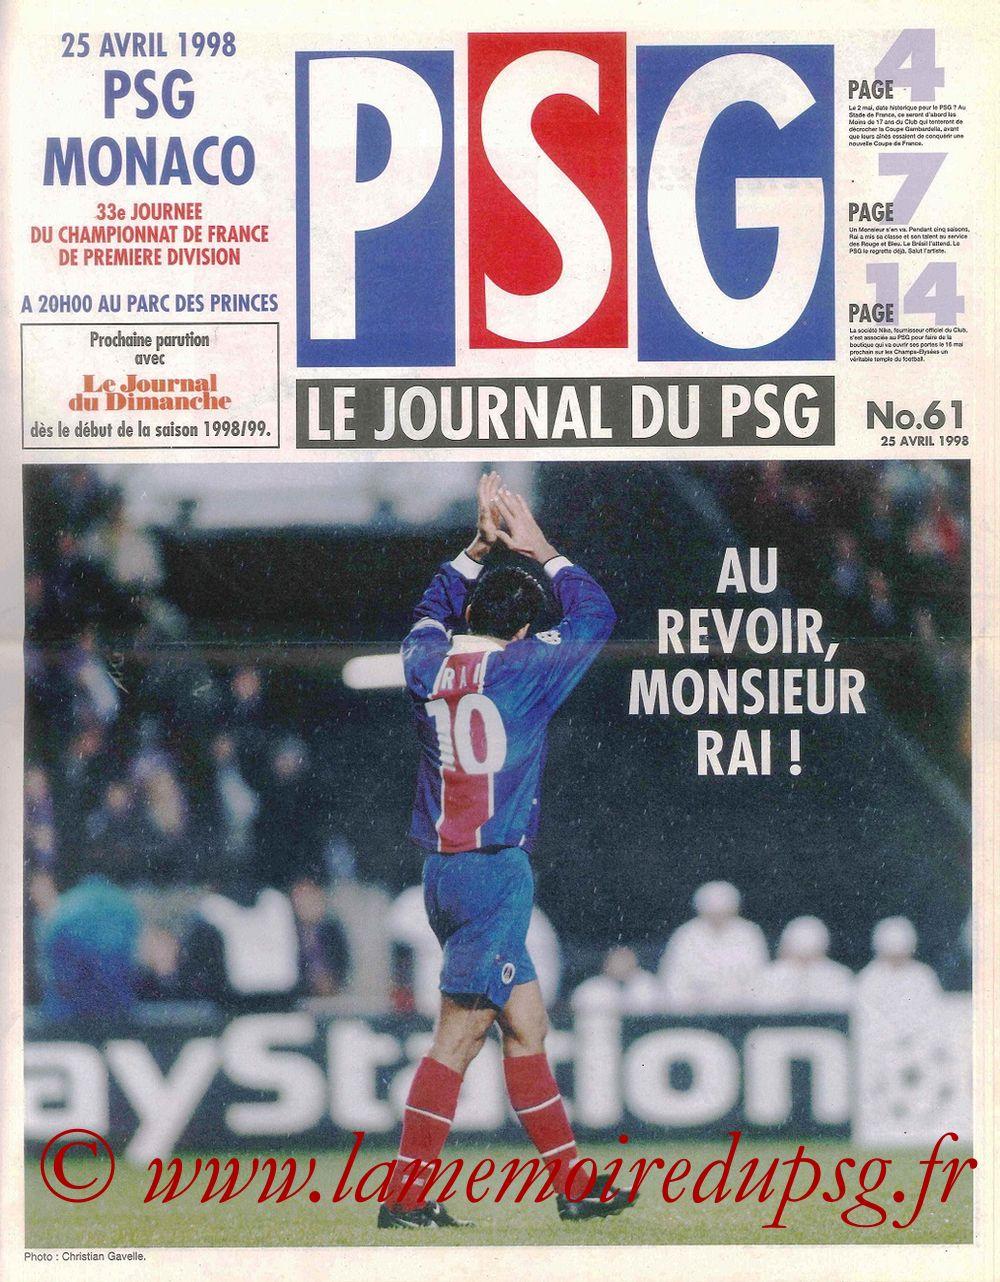 1998-04-25  PSG-Monaco (33ème D1, Le Journal du PSG N°61)